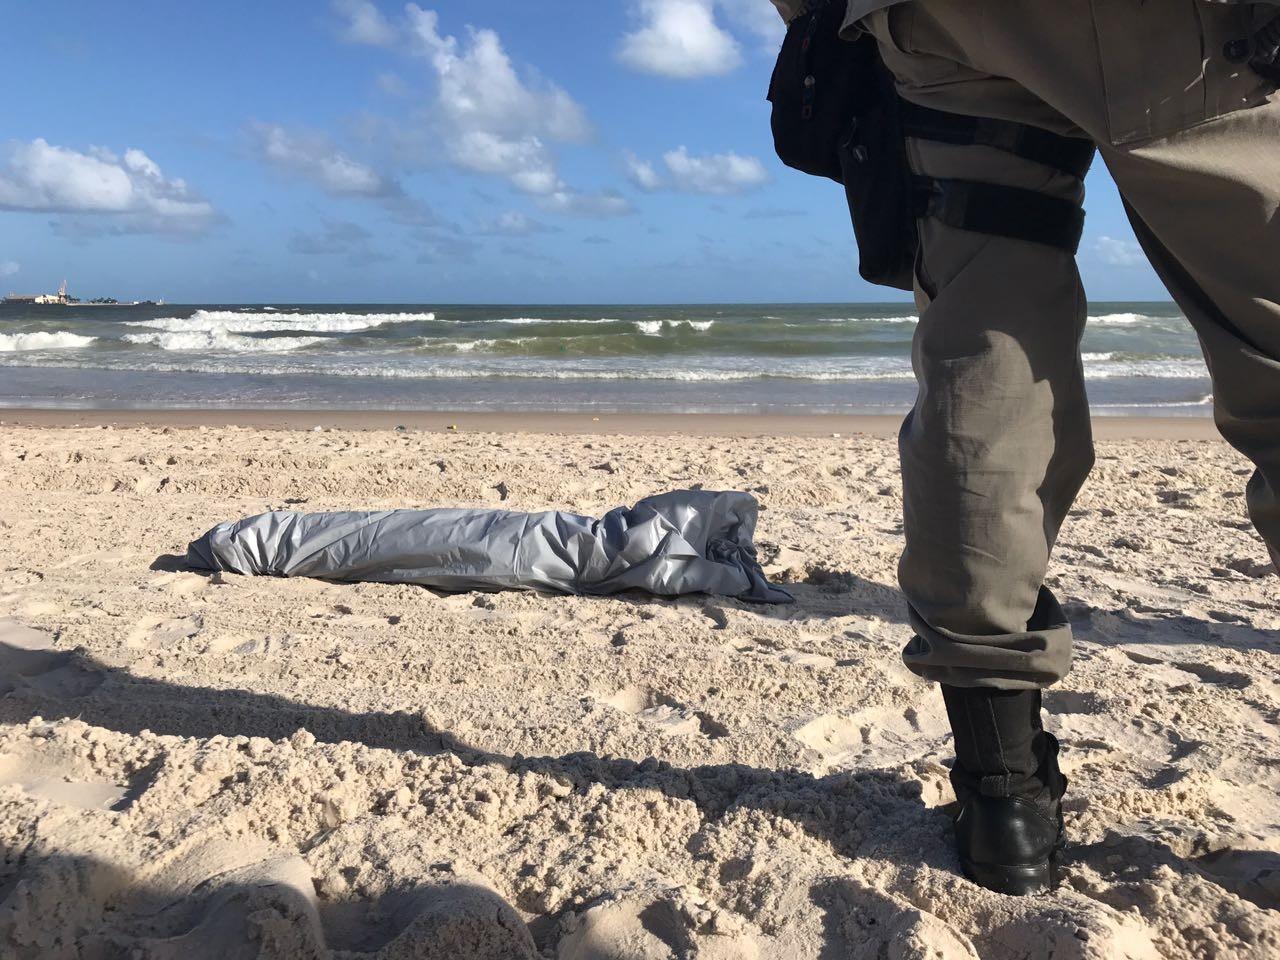 Irmãos entram no mar e um deles morre afogado na Praia da Avenida, em Maceió